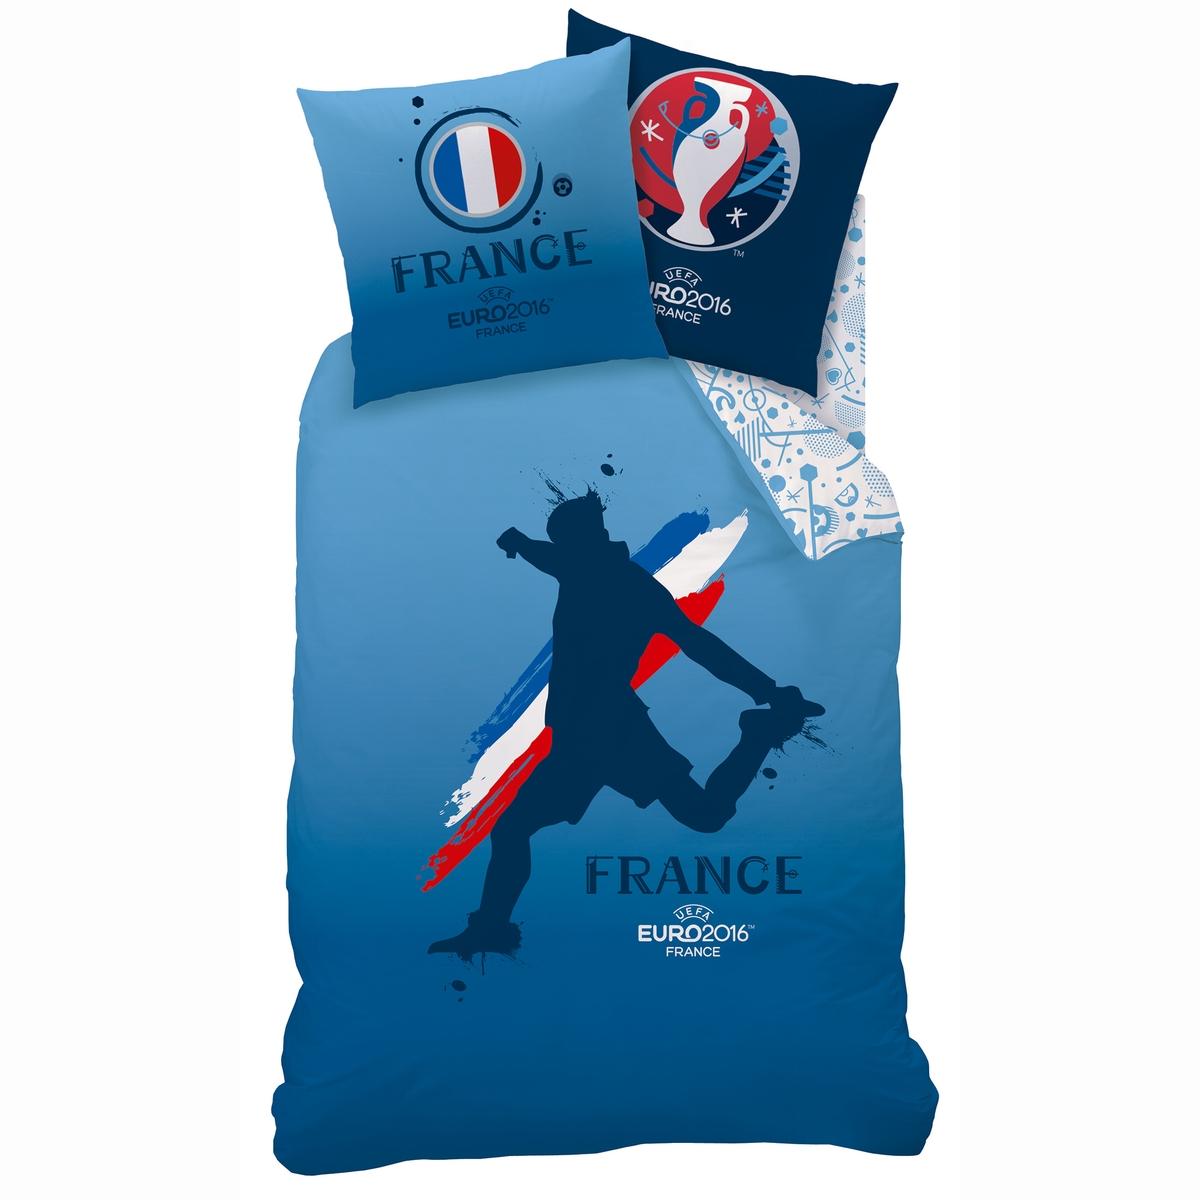 Комплект постельного белья UEFAОписание комплекта UEFA:Пододеяльник: на лицевой стороне: принт игрок в футбол, на обратной стороне: сплошной принт.Прямой низ с застежкой на кнопки.Наволочка: 63 x 63 см, на лицевой стороне: принт французский флаг, на обратной стороне: логотип Euro 2016.Характеристики комплекта UEFA:60% хлопка, 40% полиэстера.Стирка при 60°.Размеры комплекта: 140 x 200 см+ 1 наволочка 63 x 63 см240 x 220 см+ 2 наволочки 63 x 63 смЦвет: принт на красном/голубом фоне.Сертификат Oeko-Tex® дает гарантию того, что товары изготовлены без применения химических средств и не представляют опасности для здоровья человека.<br><br>Цвет: синий/ белый<br>Размер: 240 x 220  см